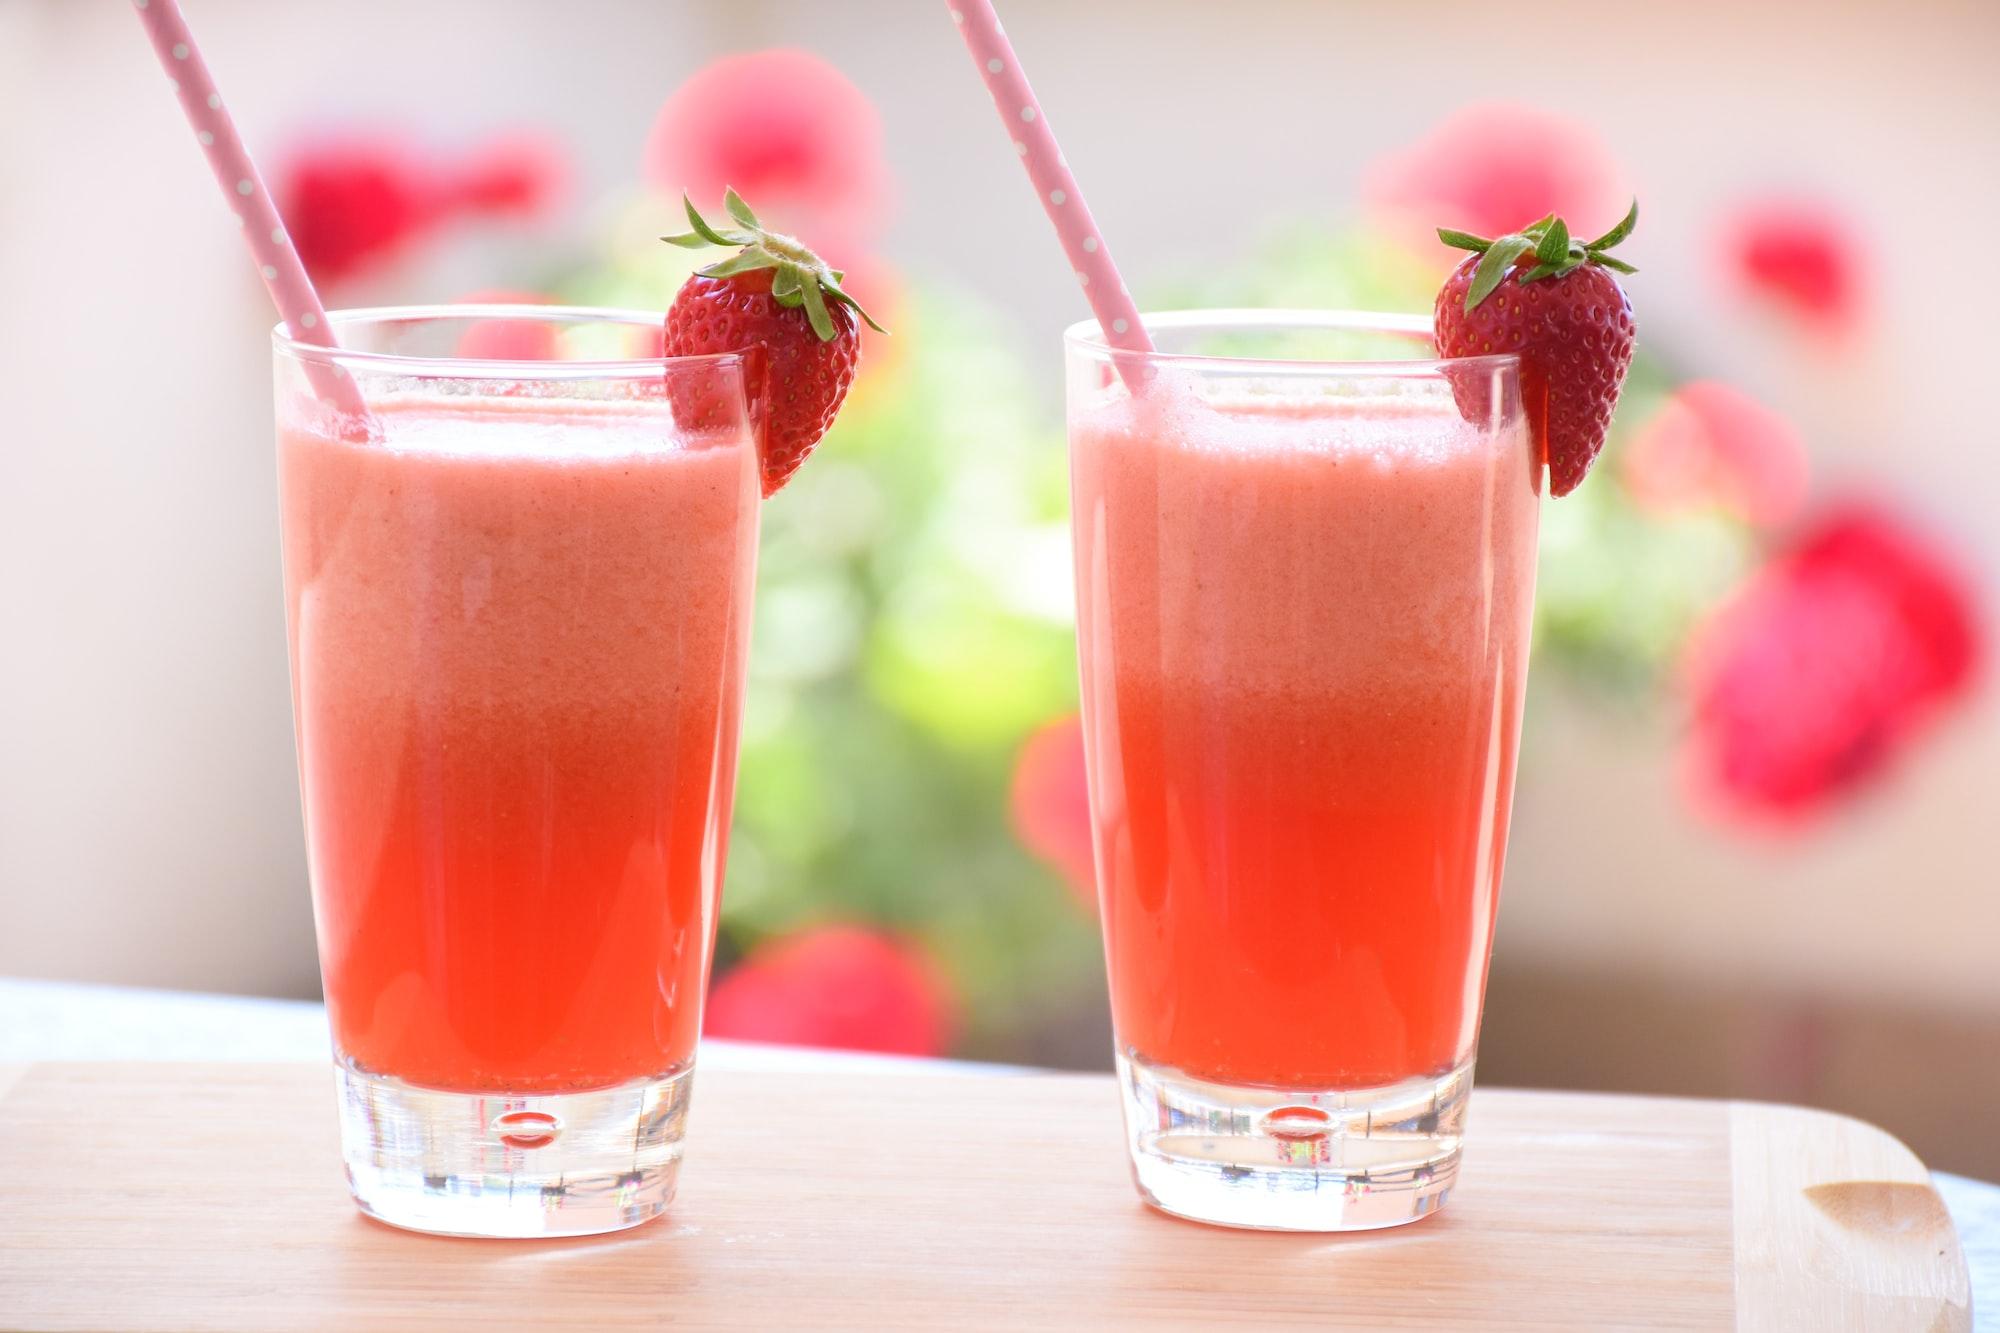 Strawberry lemonade for two